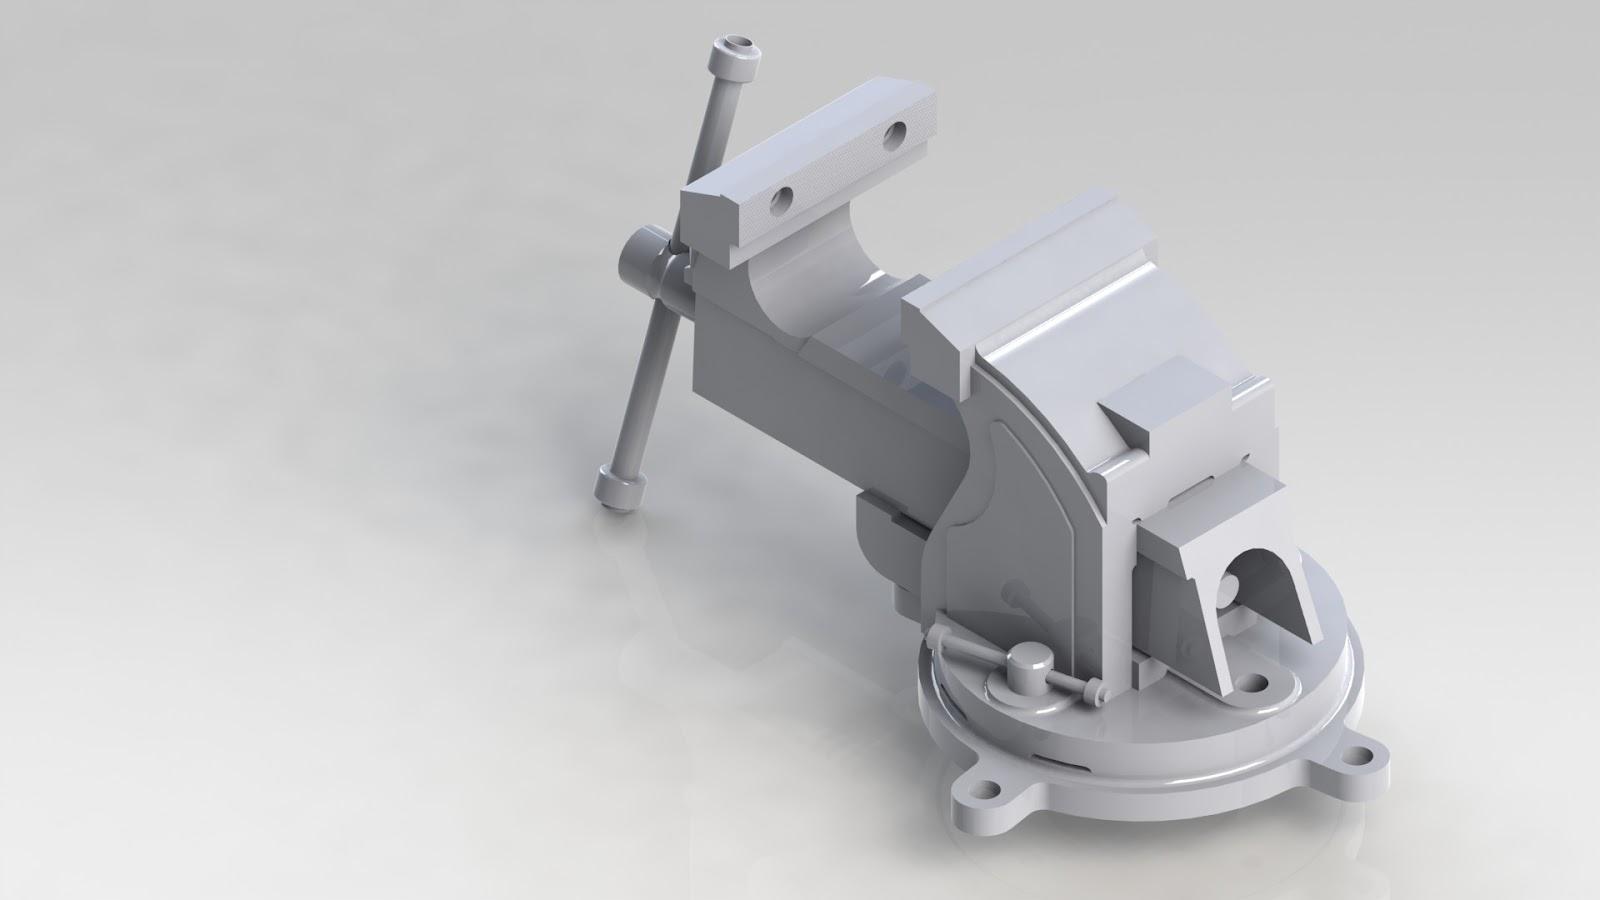 Desenhos em Solidworks e Autocad: Morsa de Bancada #626469 1600x900